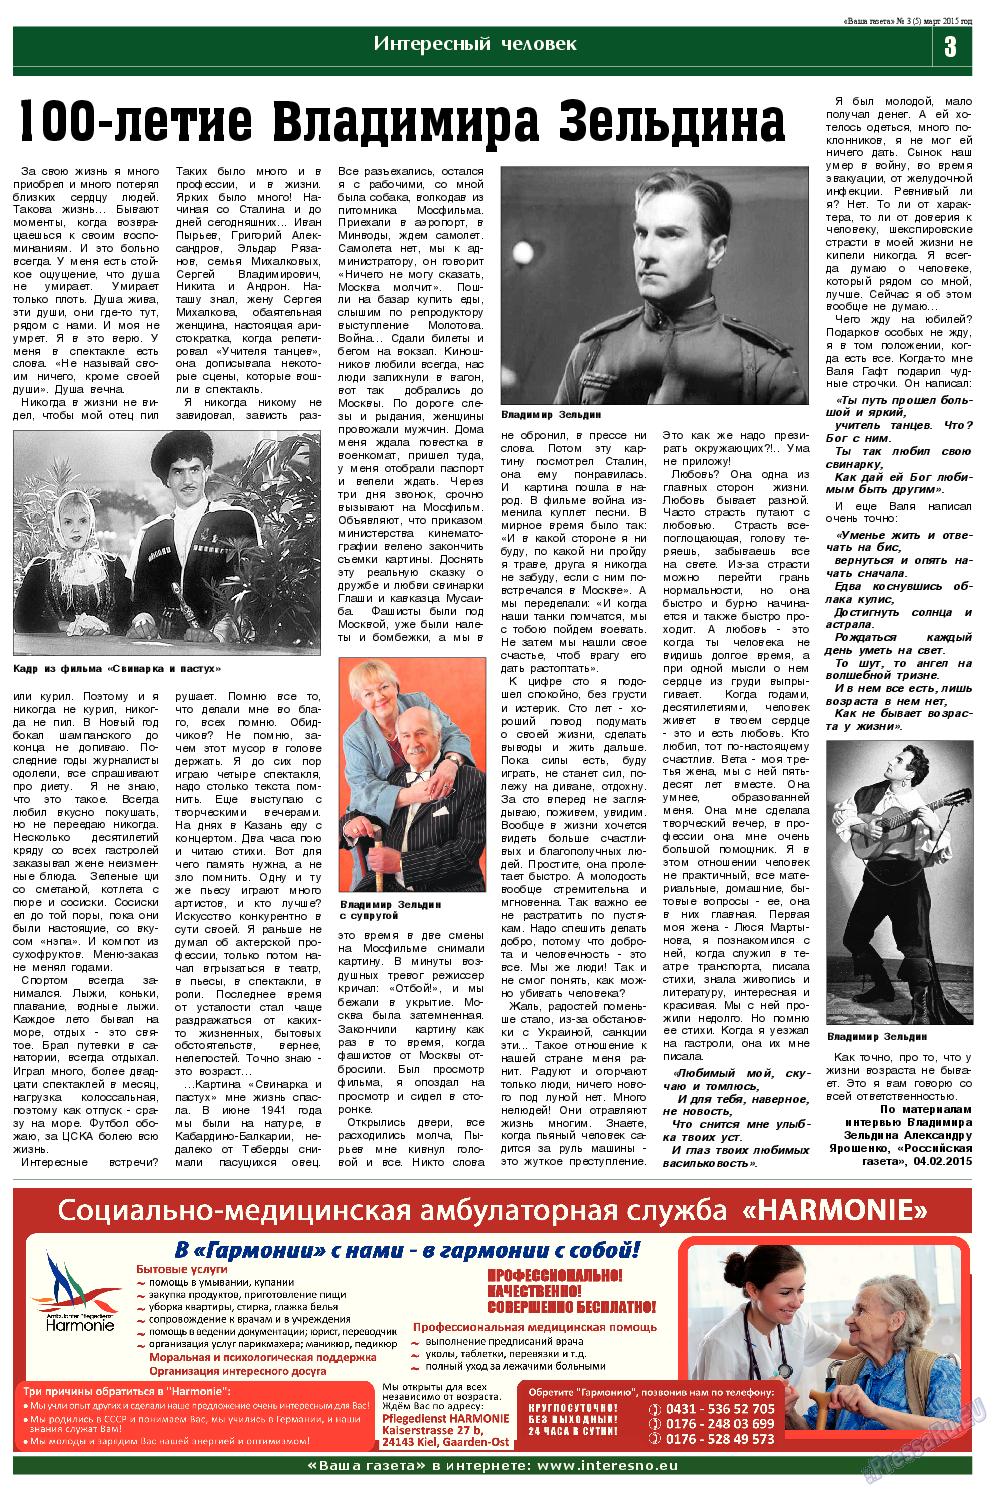 Ваша газета (газета). 2015 год, номер 3, стр. 3